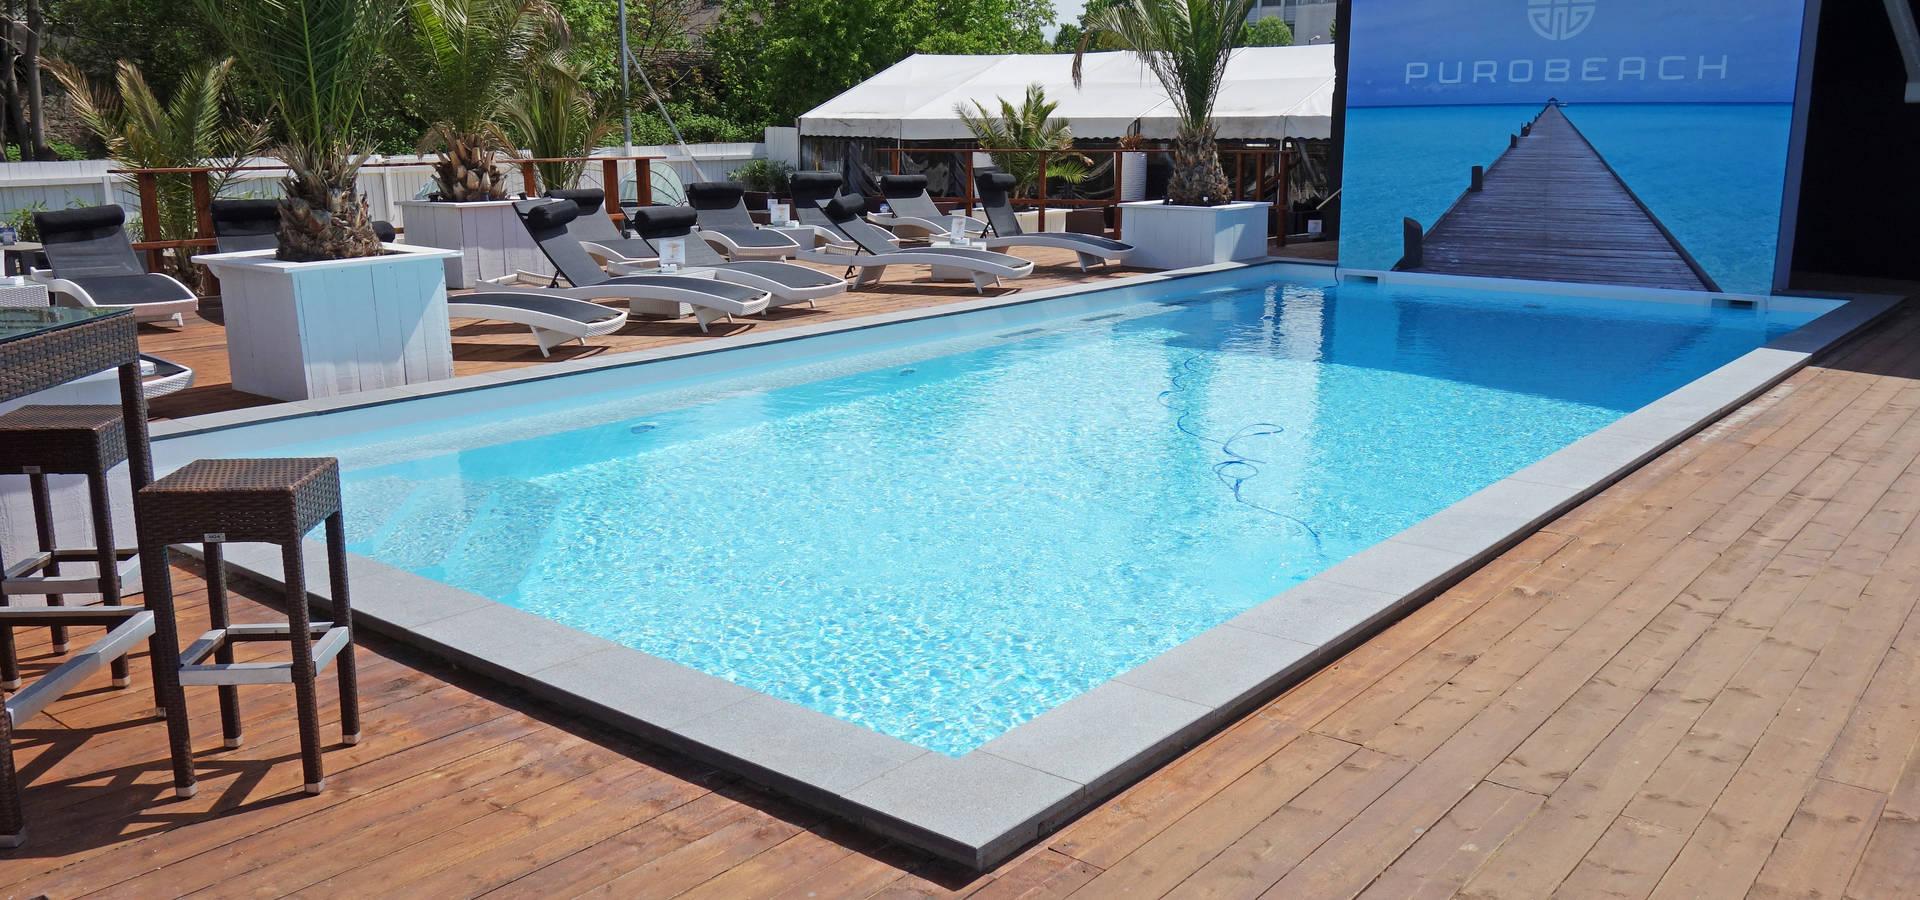 Fkb musterbecken von fkb schwimmbadtechnik homify for Garten pool 4m